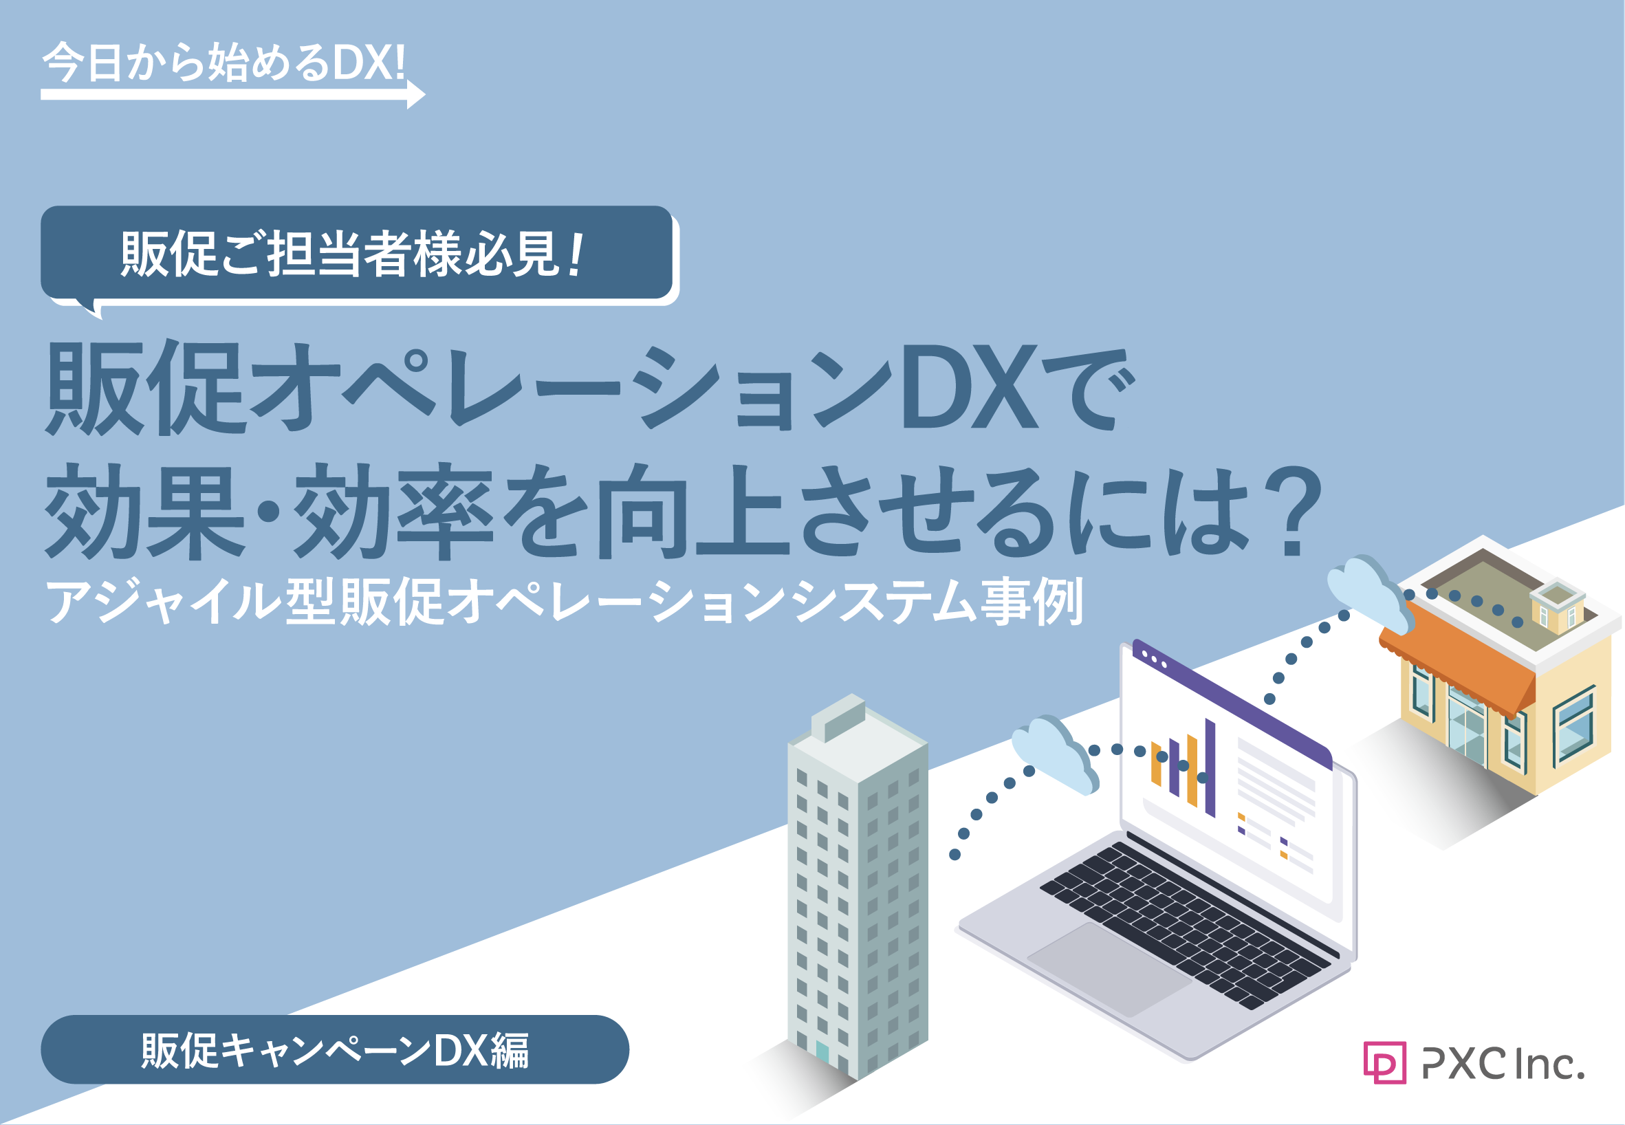 ~今日から始めるDX~販促オペレーションDXで効果・効率を向上させるには?